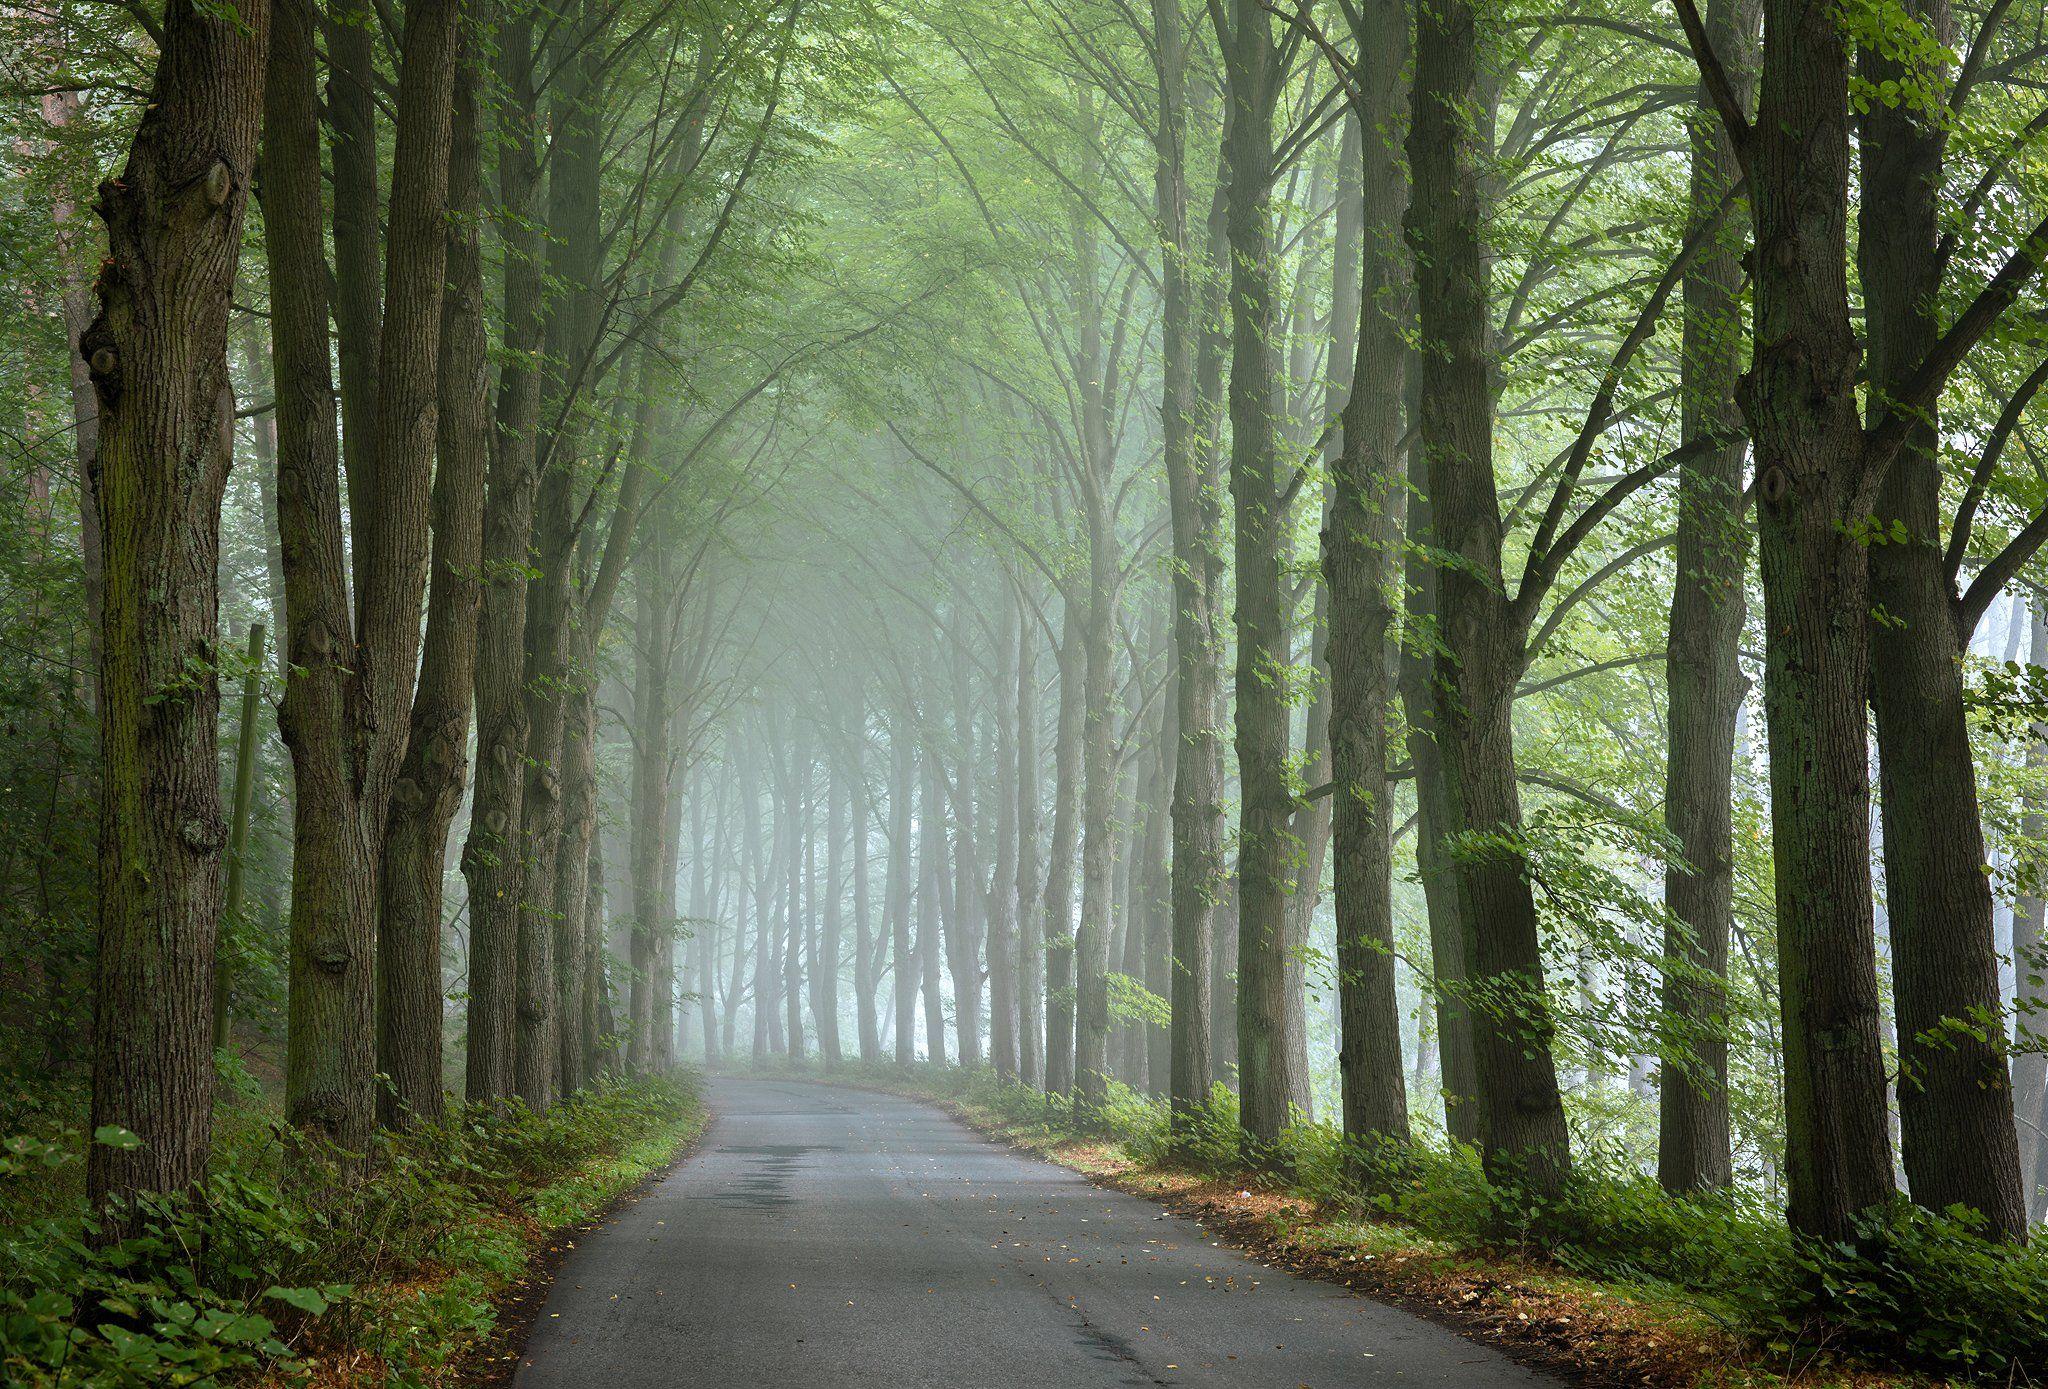 туннель деревьев tunnel road magic path trees mist foggy morning autumn fall дорога dranikowski poland tree park, Radoslaw Dranikowski